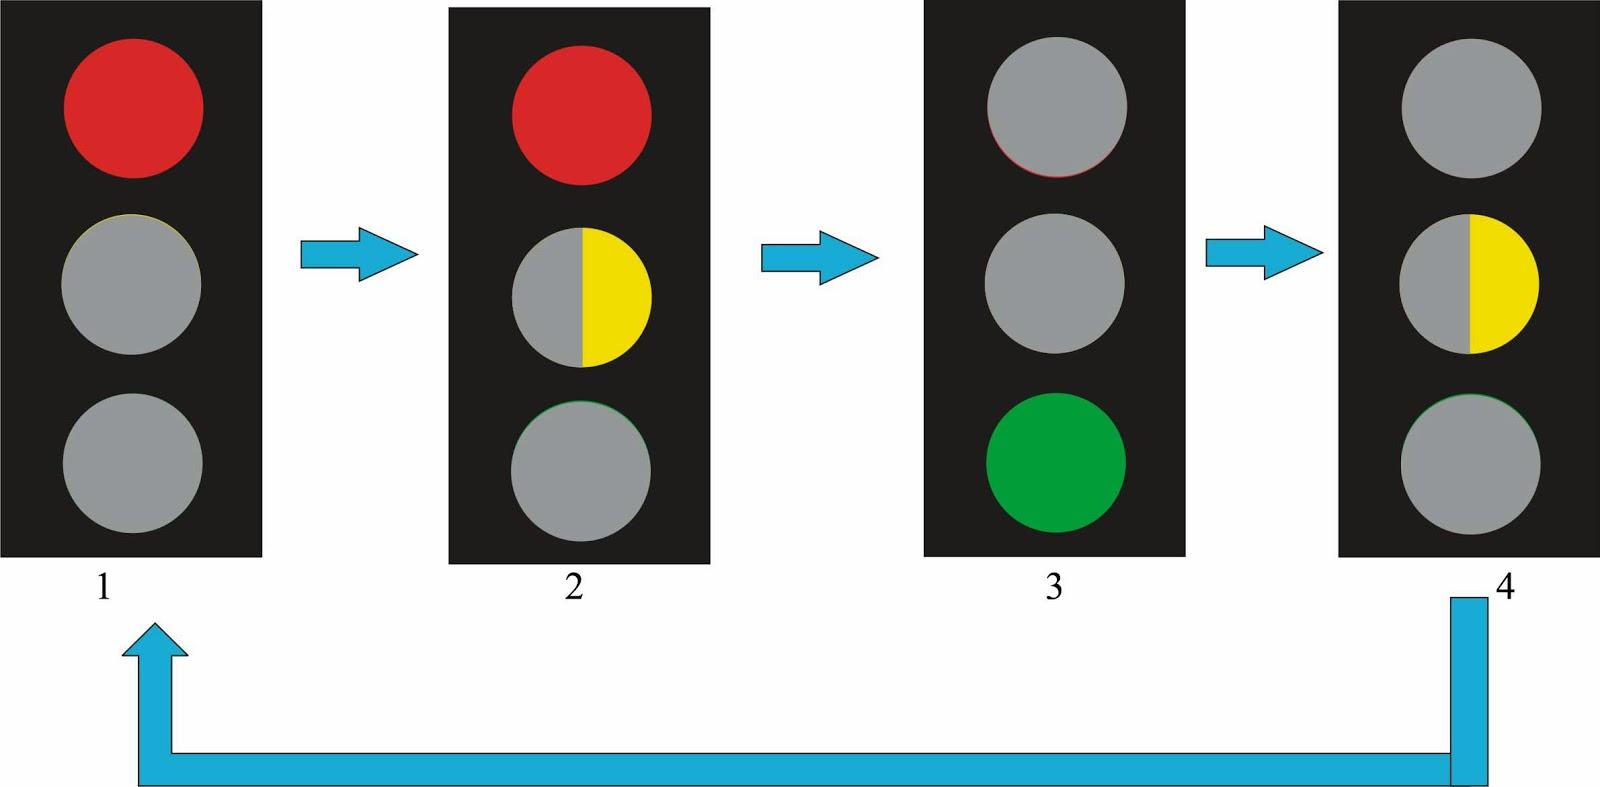 Cara membuat lampu merah menggunakan arduino ach